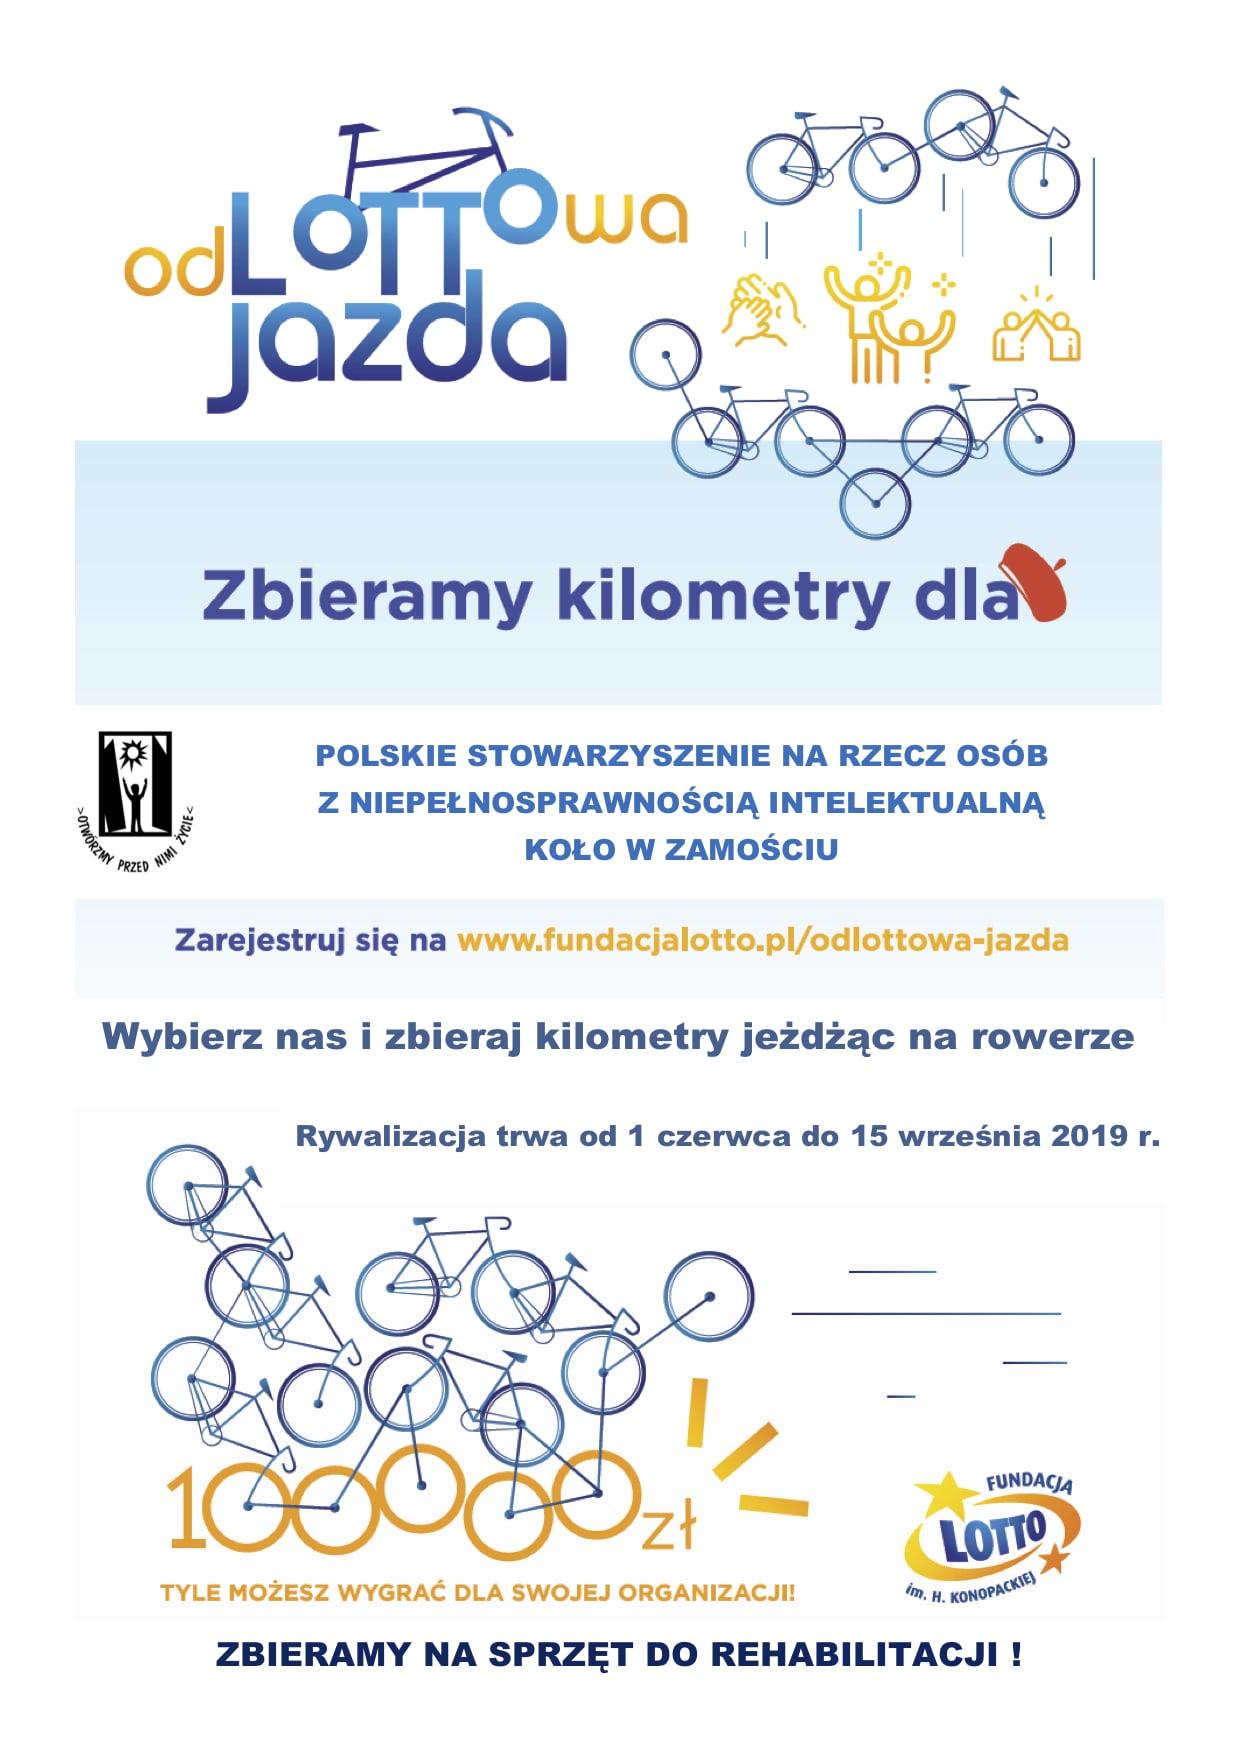 odlottowa jazda plakat 1 Jeździsz rowerem? Pobierz aplikację i zbieraj kilometry dla PSONI Koło w Zamościu